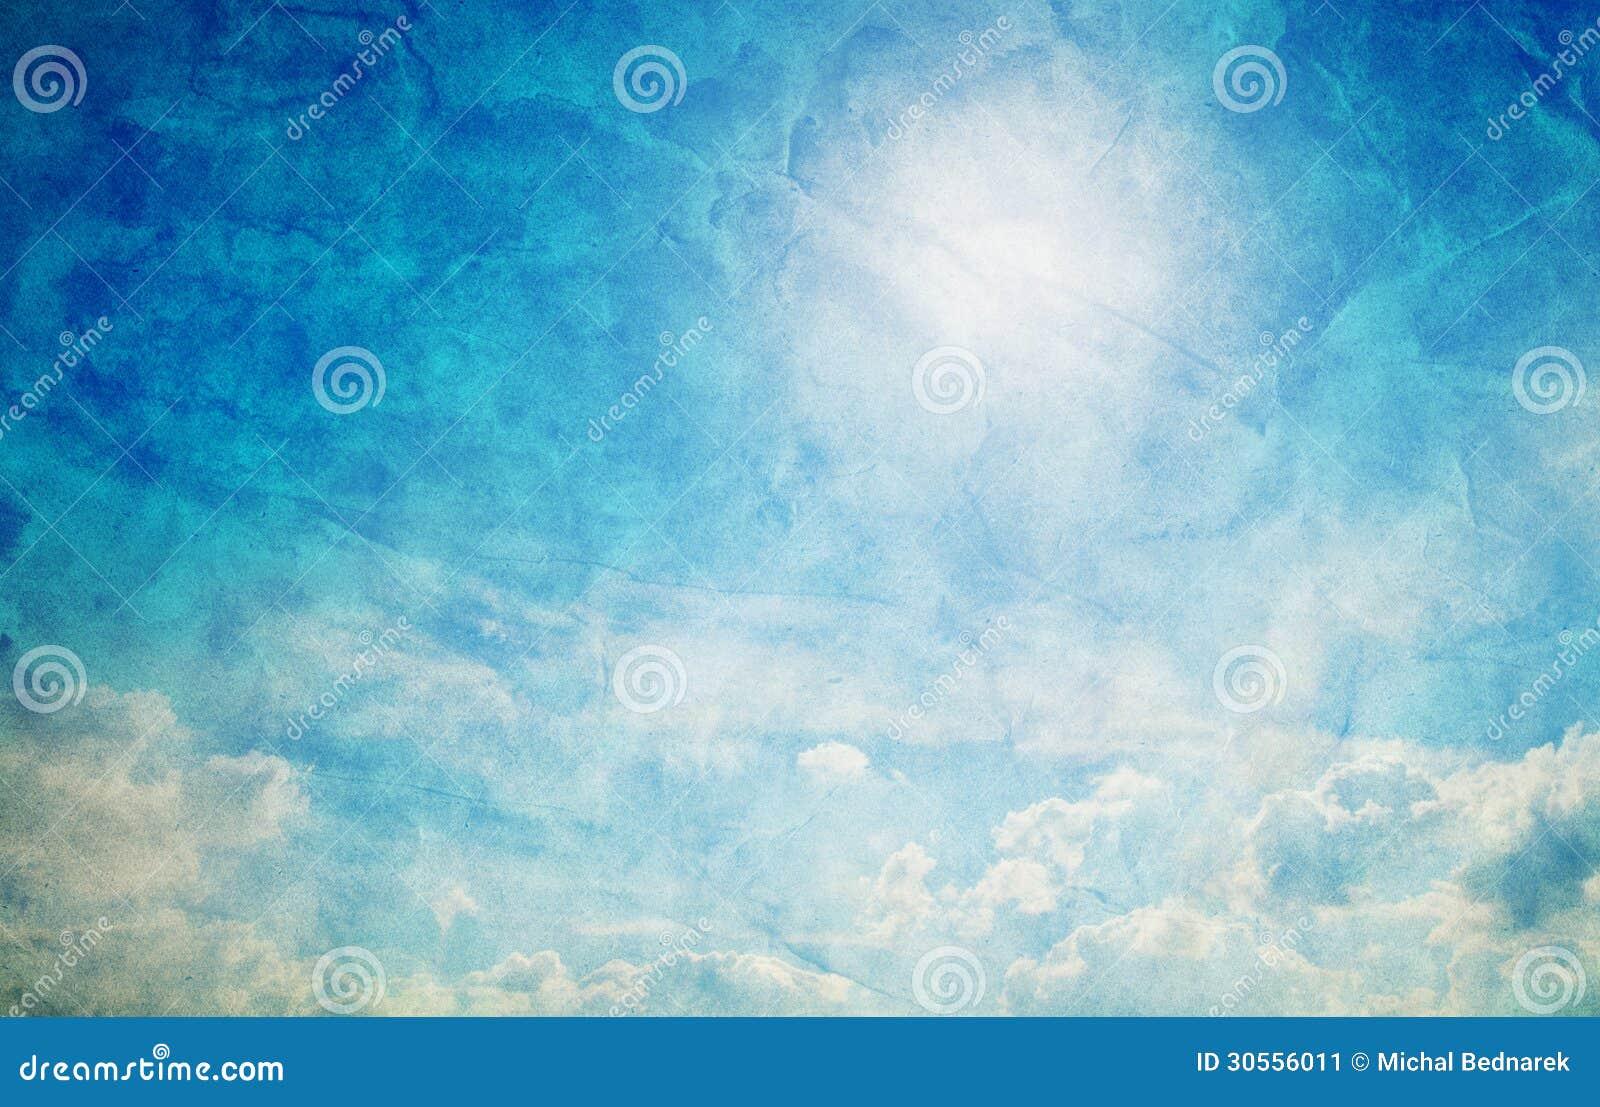 Vintage, rétro image de ciel bleu ensoleillé.